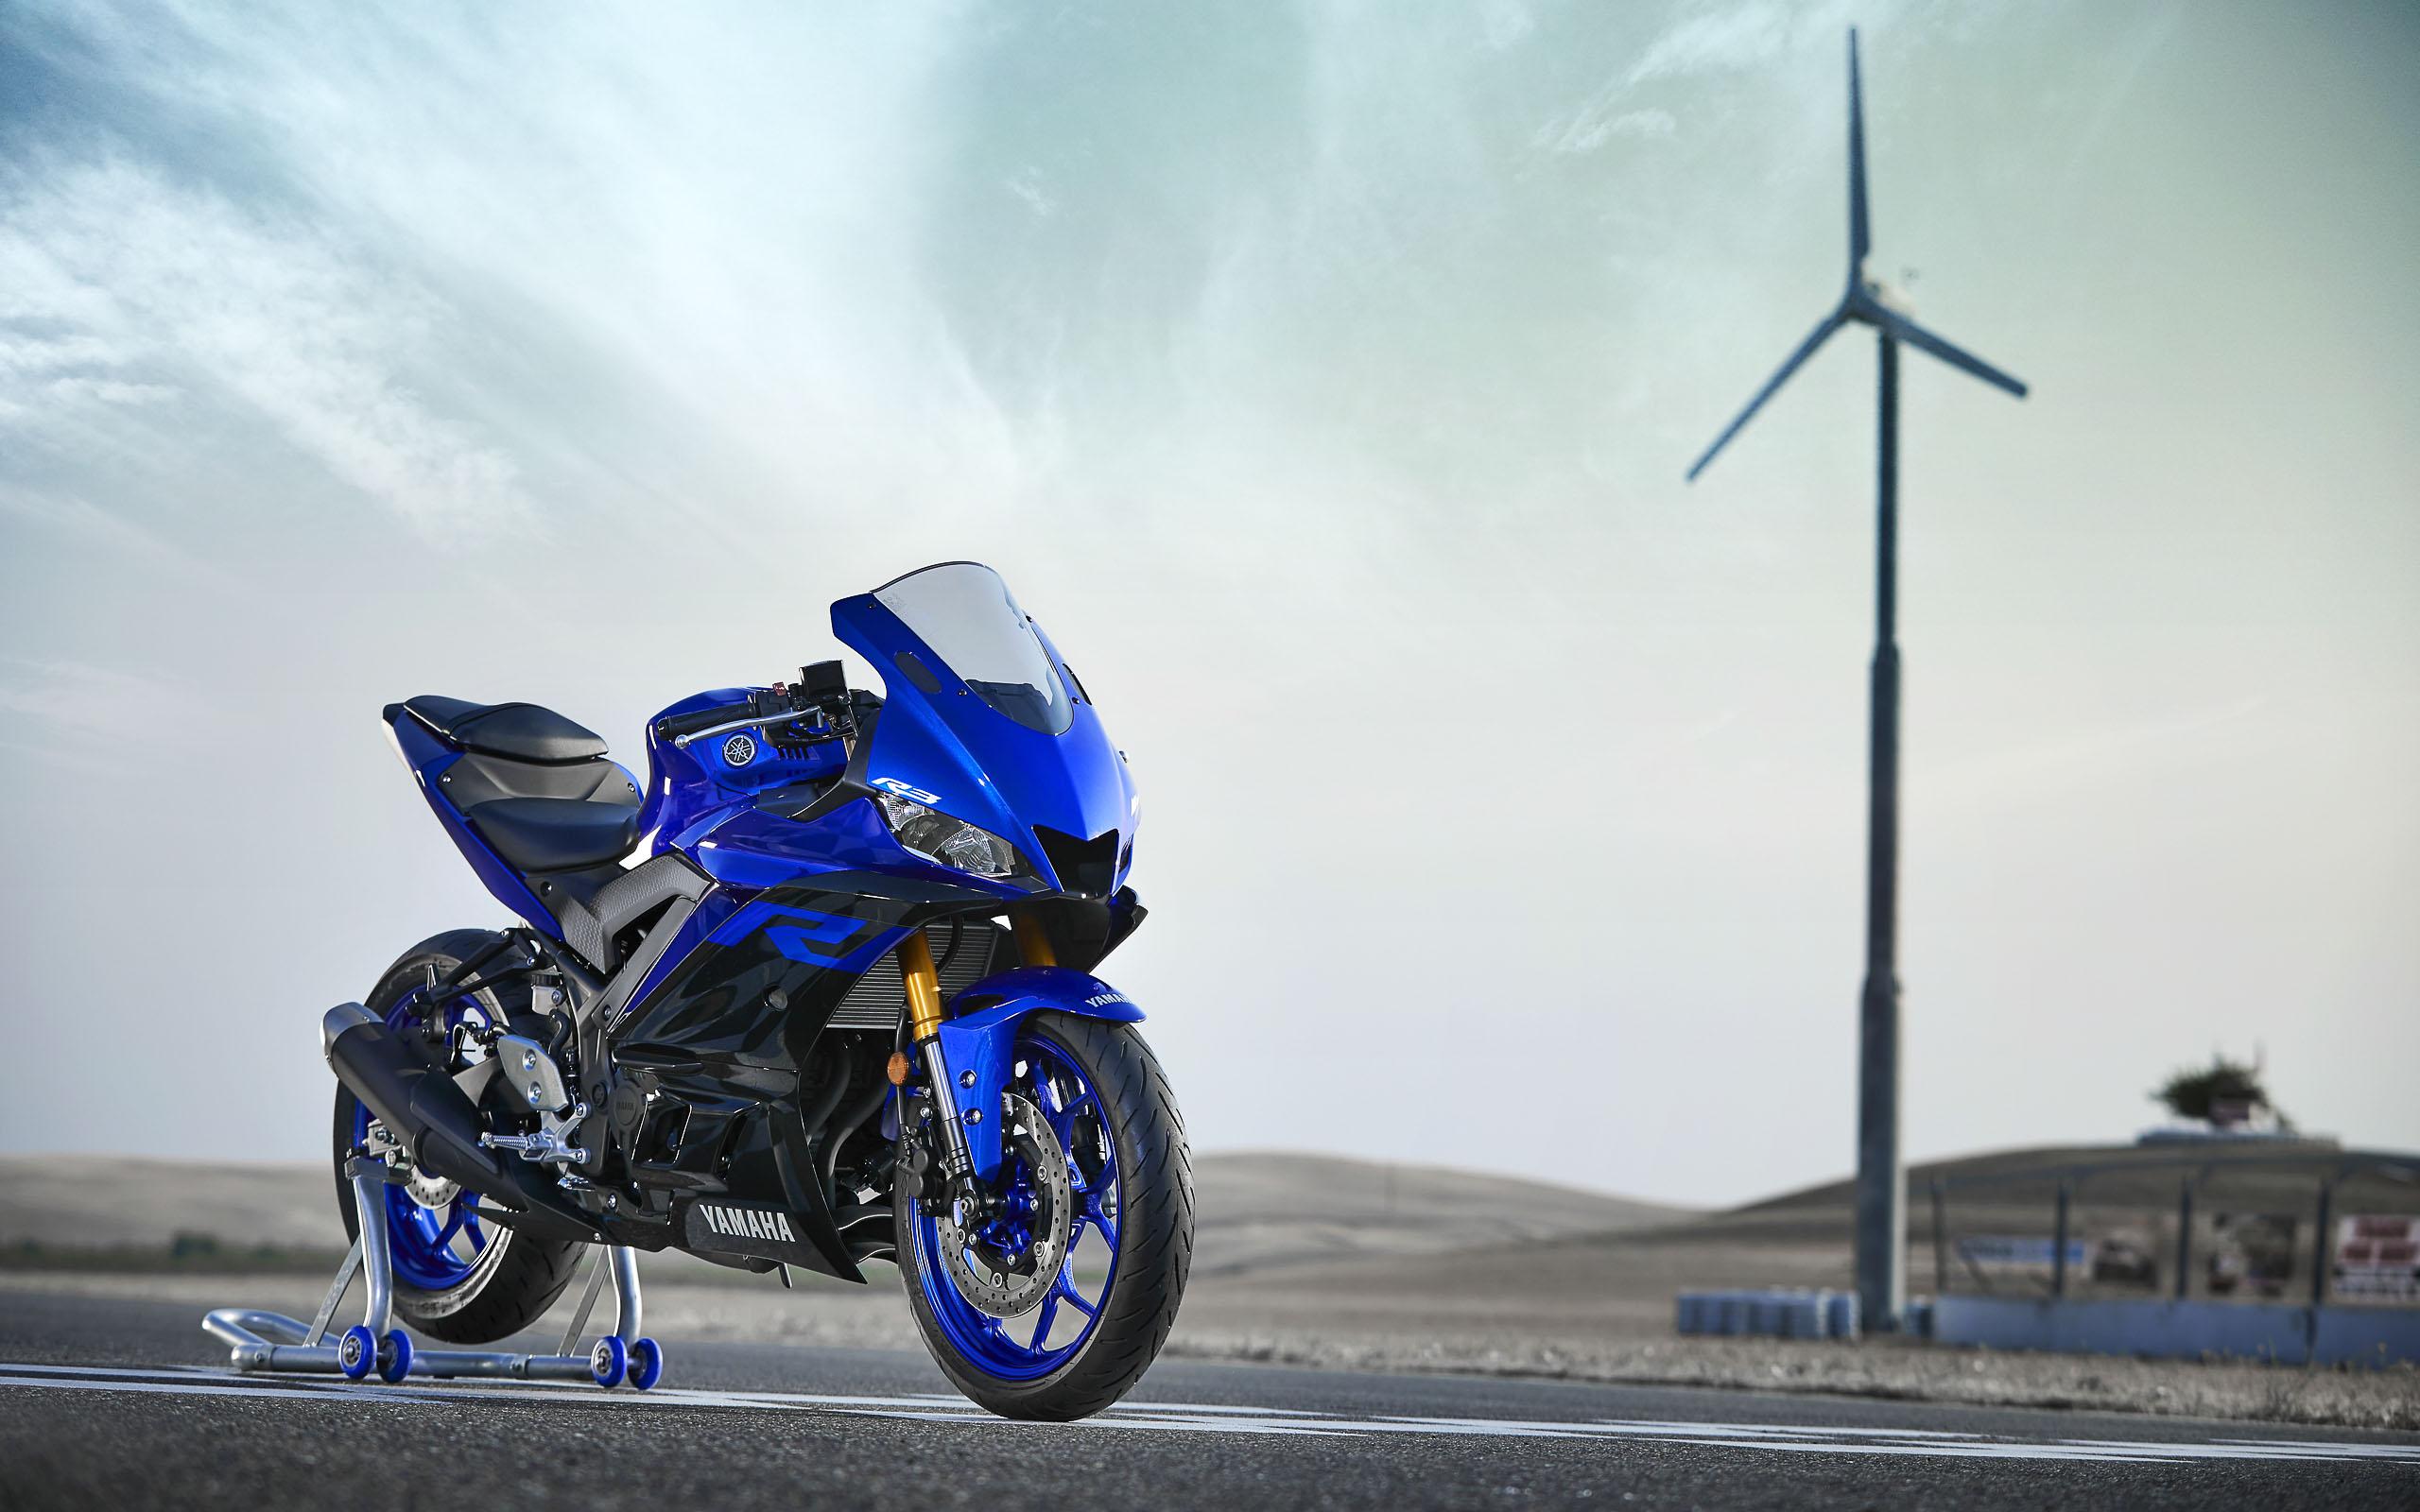 Die neue Yamaha YZF-R3, hier noch ohne störende Spiegel und Blinker